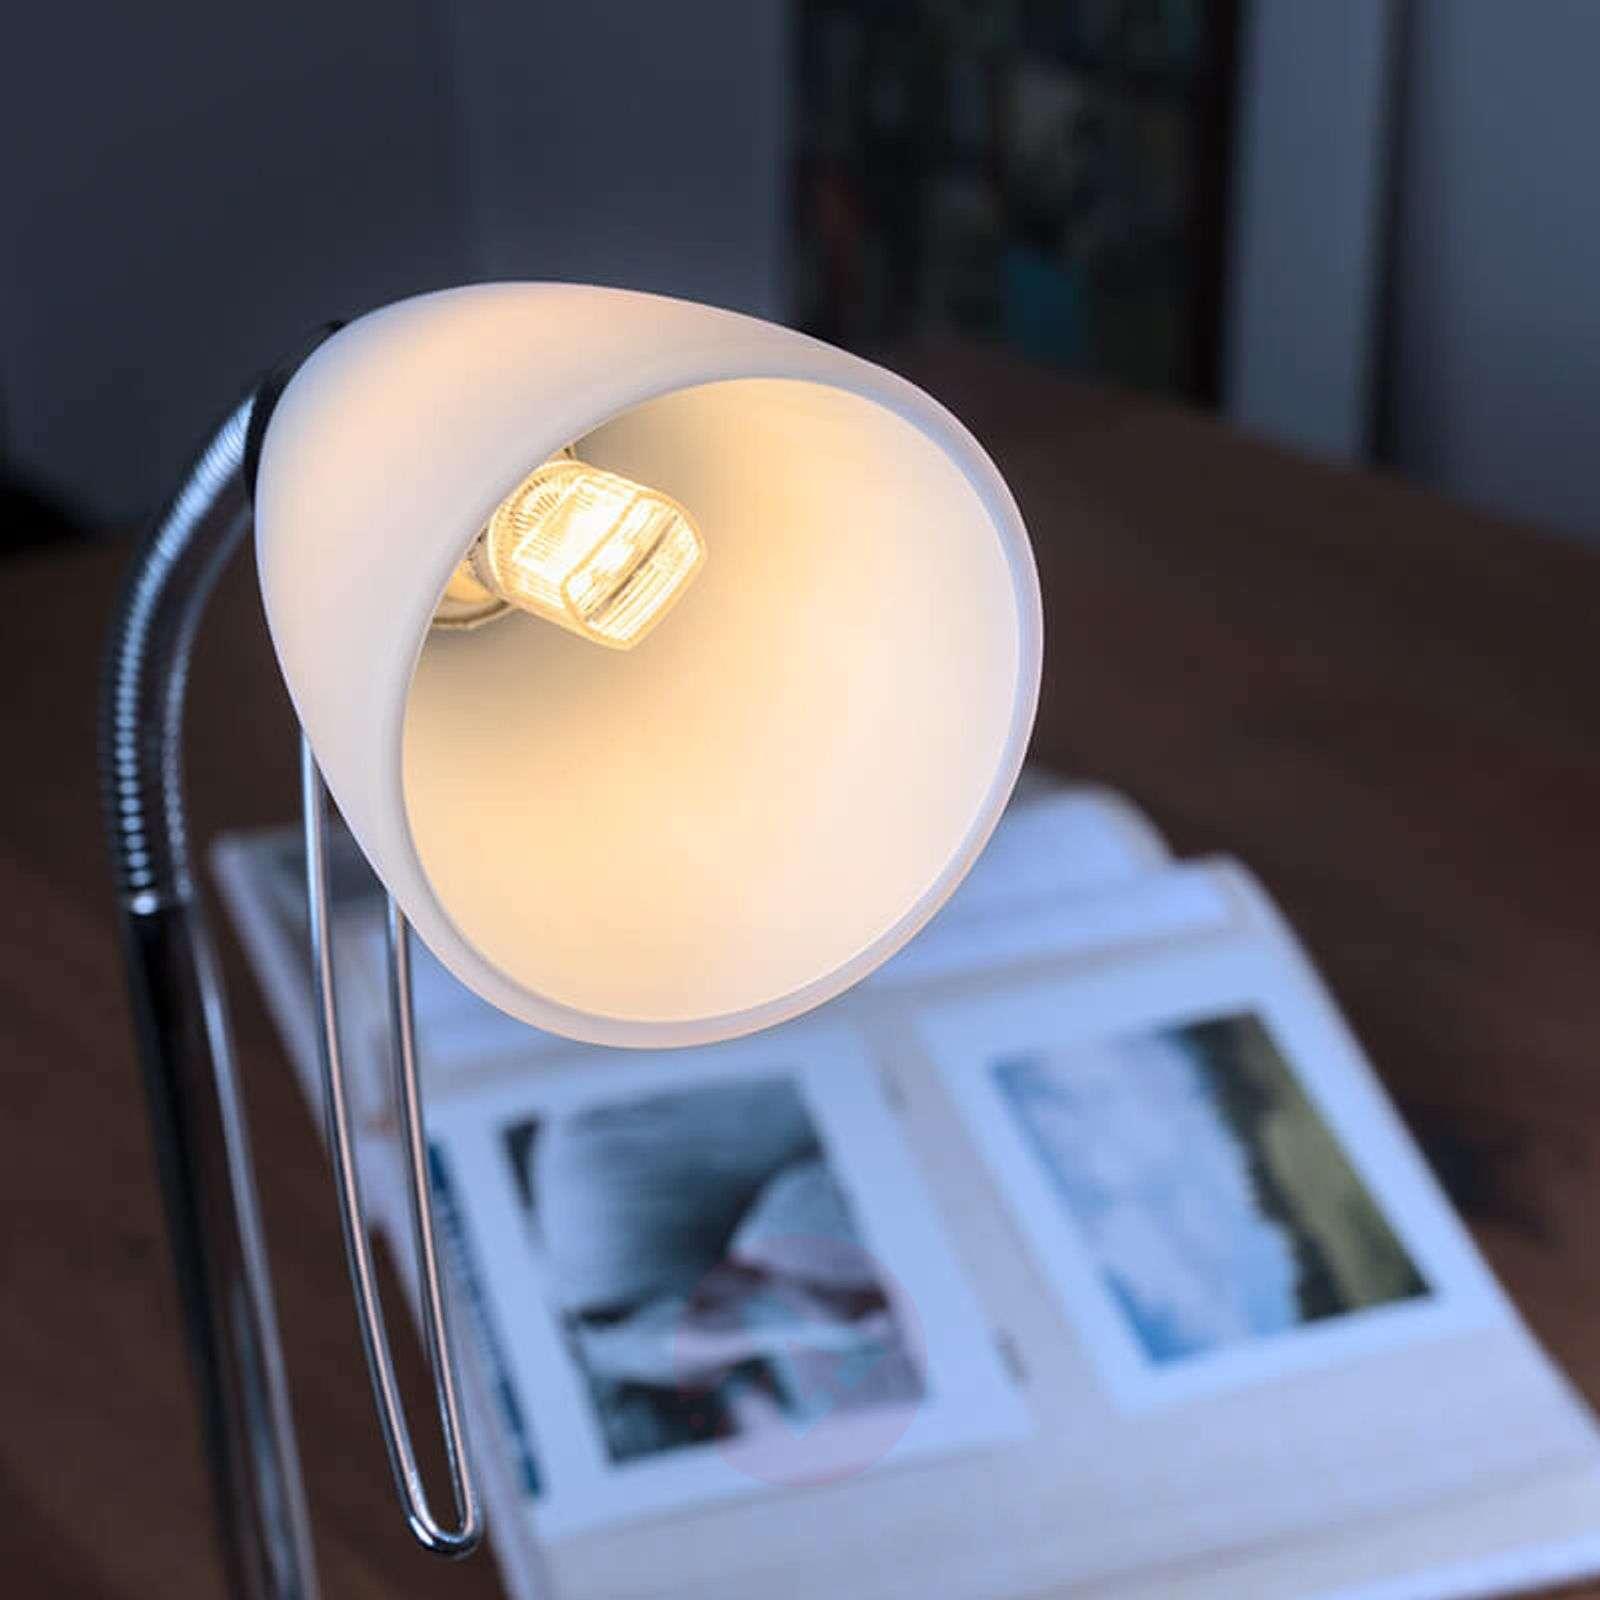 LED-kynälamppu G9 3,8 W, lämmin valkoinen, 470 lm-7262070-01